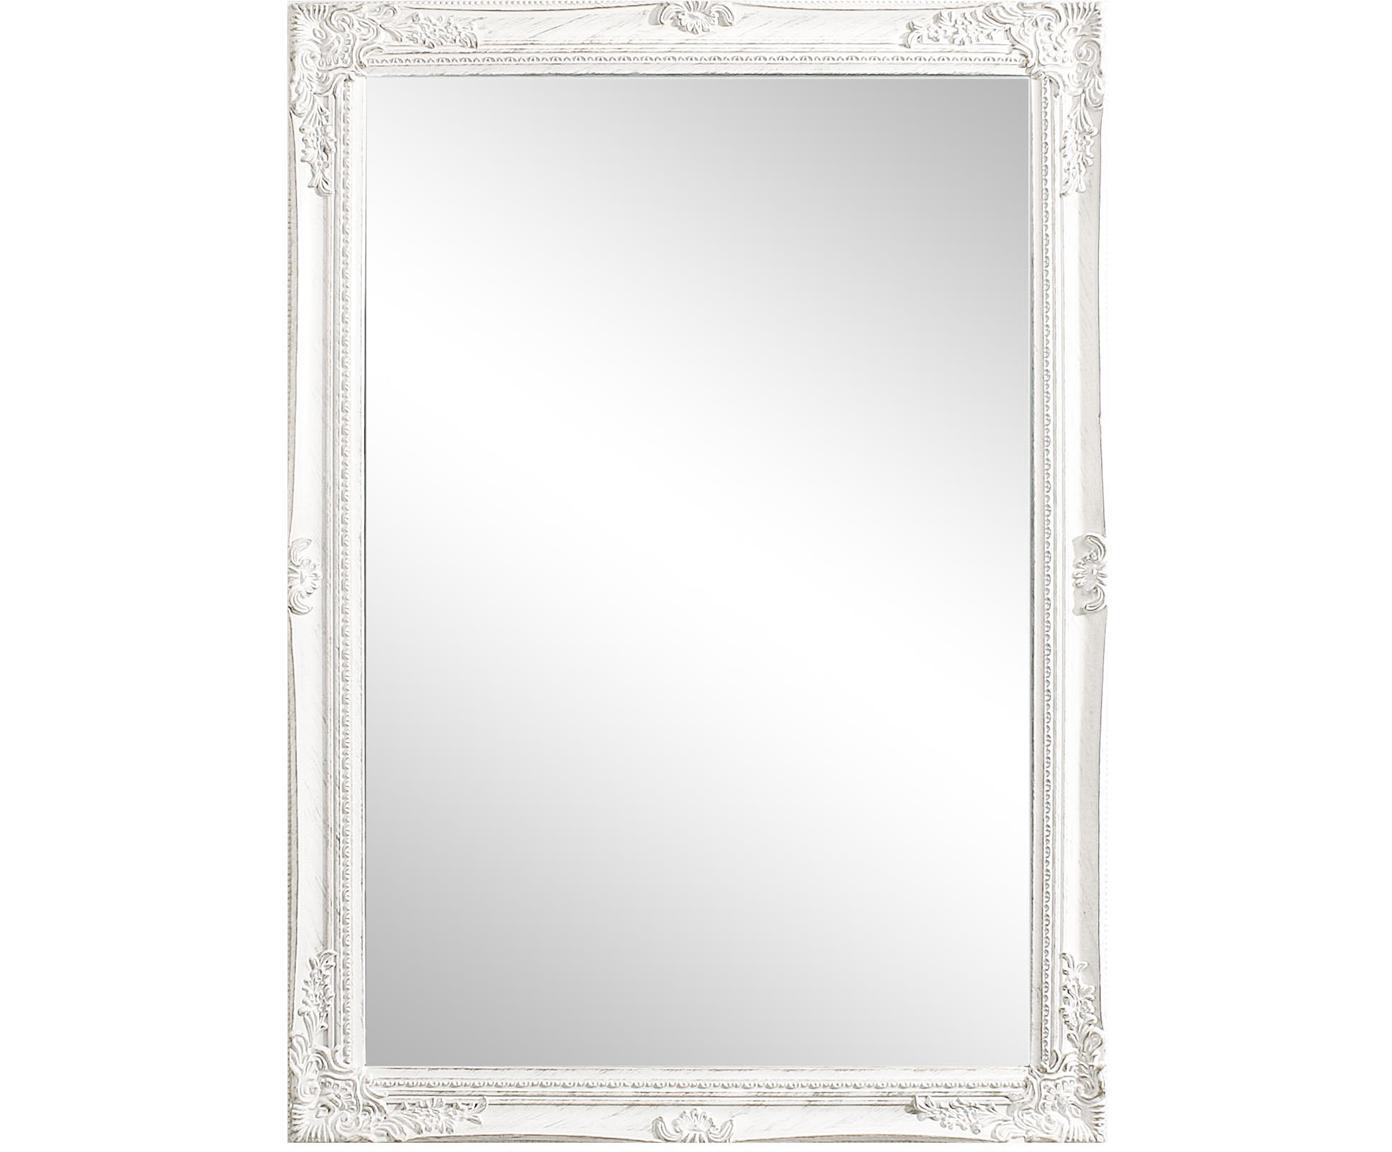 Lustro ścienne z drewnianą ramą Miro, Biały, S 72 x W 102 cm